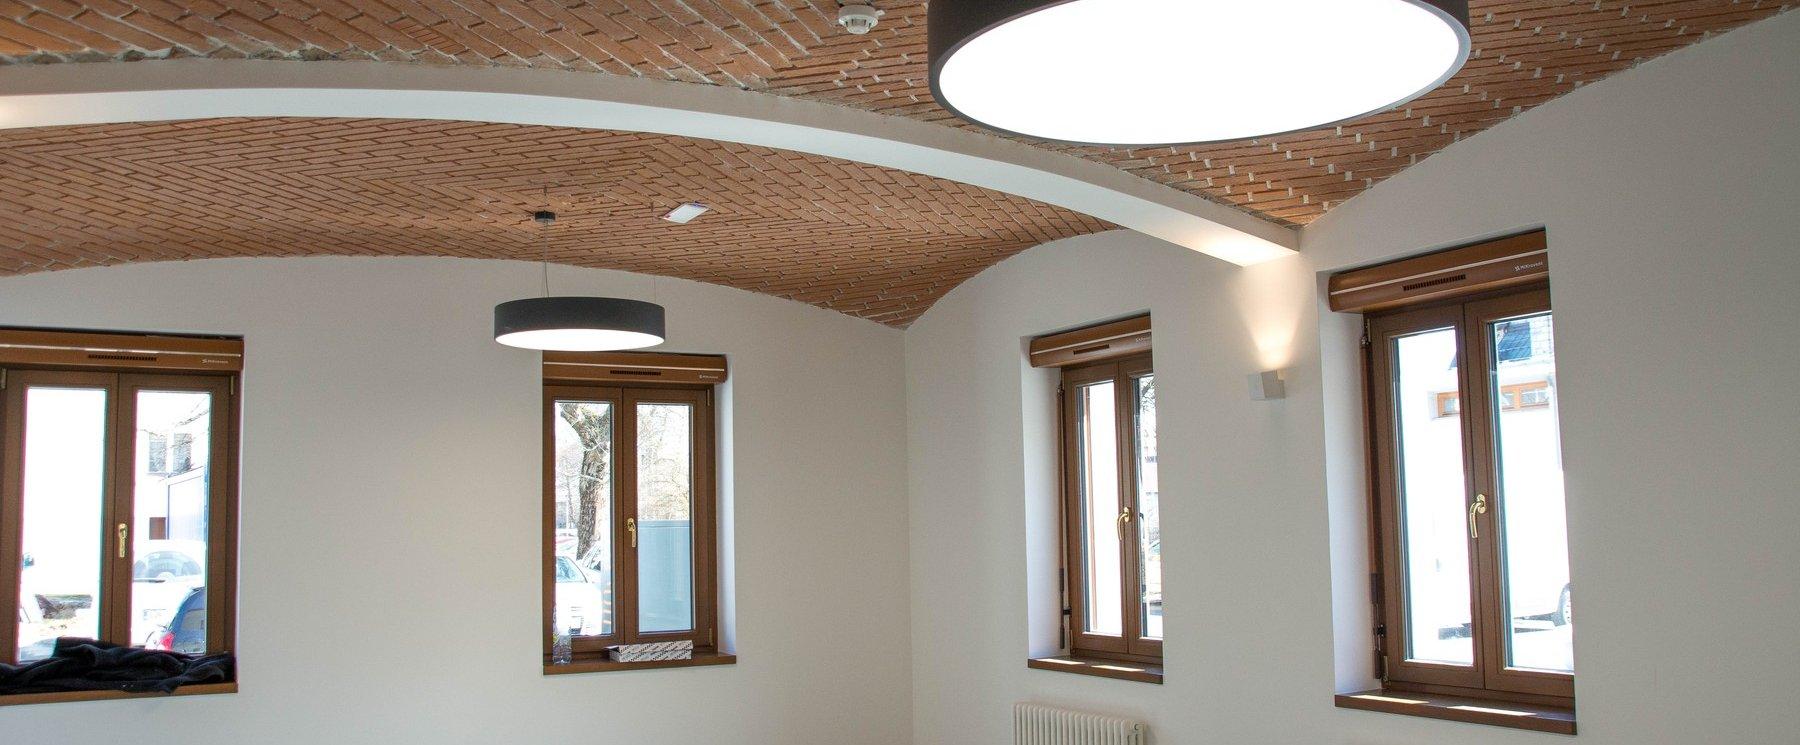 Stropna vgradna LED svetila